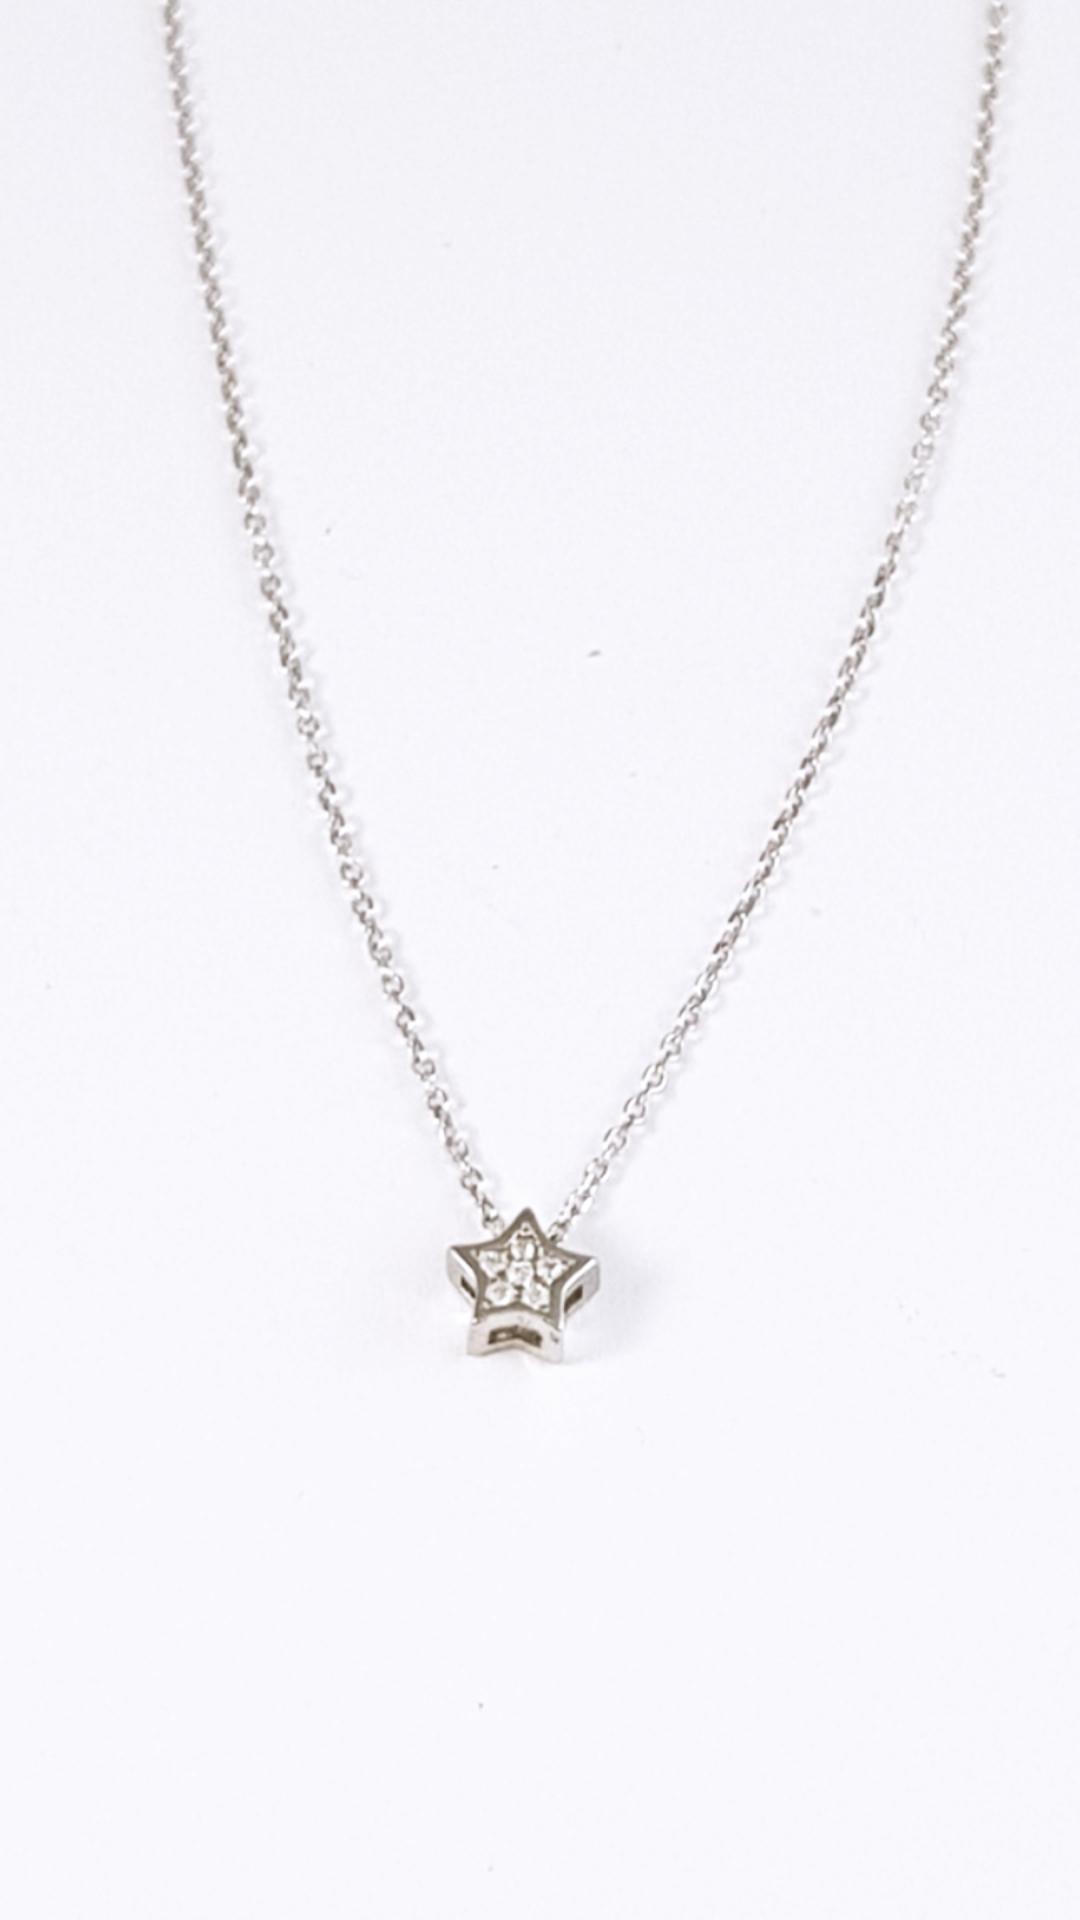 a6ae68fae15e Cadena plata con colgante estrella mini - Joyería Amores. Tienda online  joyas personalizadas y artesanales